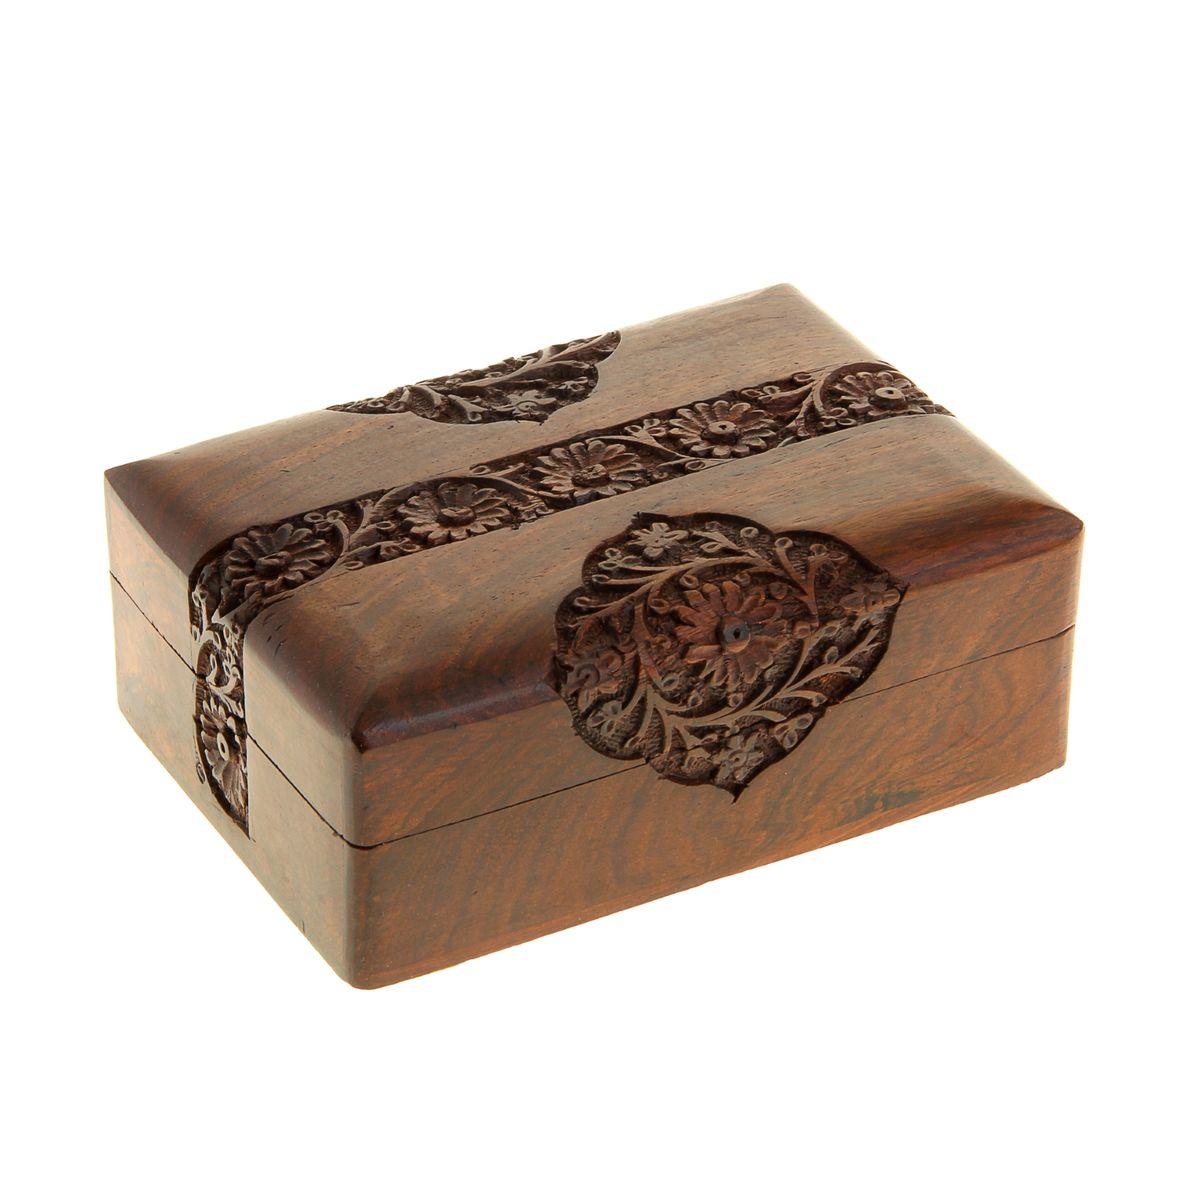 Шкатулка Sima-land Хризантемы, цвет: коричневый, 17,5 х 12,5 х 6 см806436Шкатулка Sima-land Хризантемы изготовлена из дерева - натурального материала, словно пропитанного теплом яркого солнца. Затейливый узор, украшающий ее, вырезан вручную, что, без сомнения, придает шкатулке особую ценность. Внутри одно отделение.Такая шкатулка - не простой сувенир. Ее функция не только декоративная, но и сугубо практическая - служить удобным и надежным местом для хранения самых разных мелочей. Разумеется, особо неравнодушны к этим элегантным предметам интерьера женщины. Мастерицы кладут в шкатулки швейные и рукодельные принадлежности. Модницы и светские львицы - любимые украшения и аксессуары. И, конечно, многие представительницы прекрасного пола хранят в шкатулках, убранных в укромный уголок, какие-то памятные знаки: фотографии, старые письма, сувениры, напоминающие о важных событиях и особо счастливых моментах, сухие лепестки роз и другие небольшие сокровища.